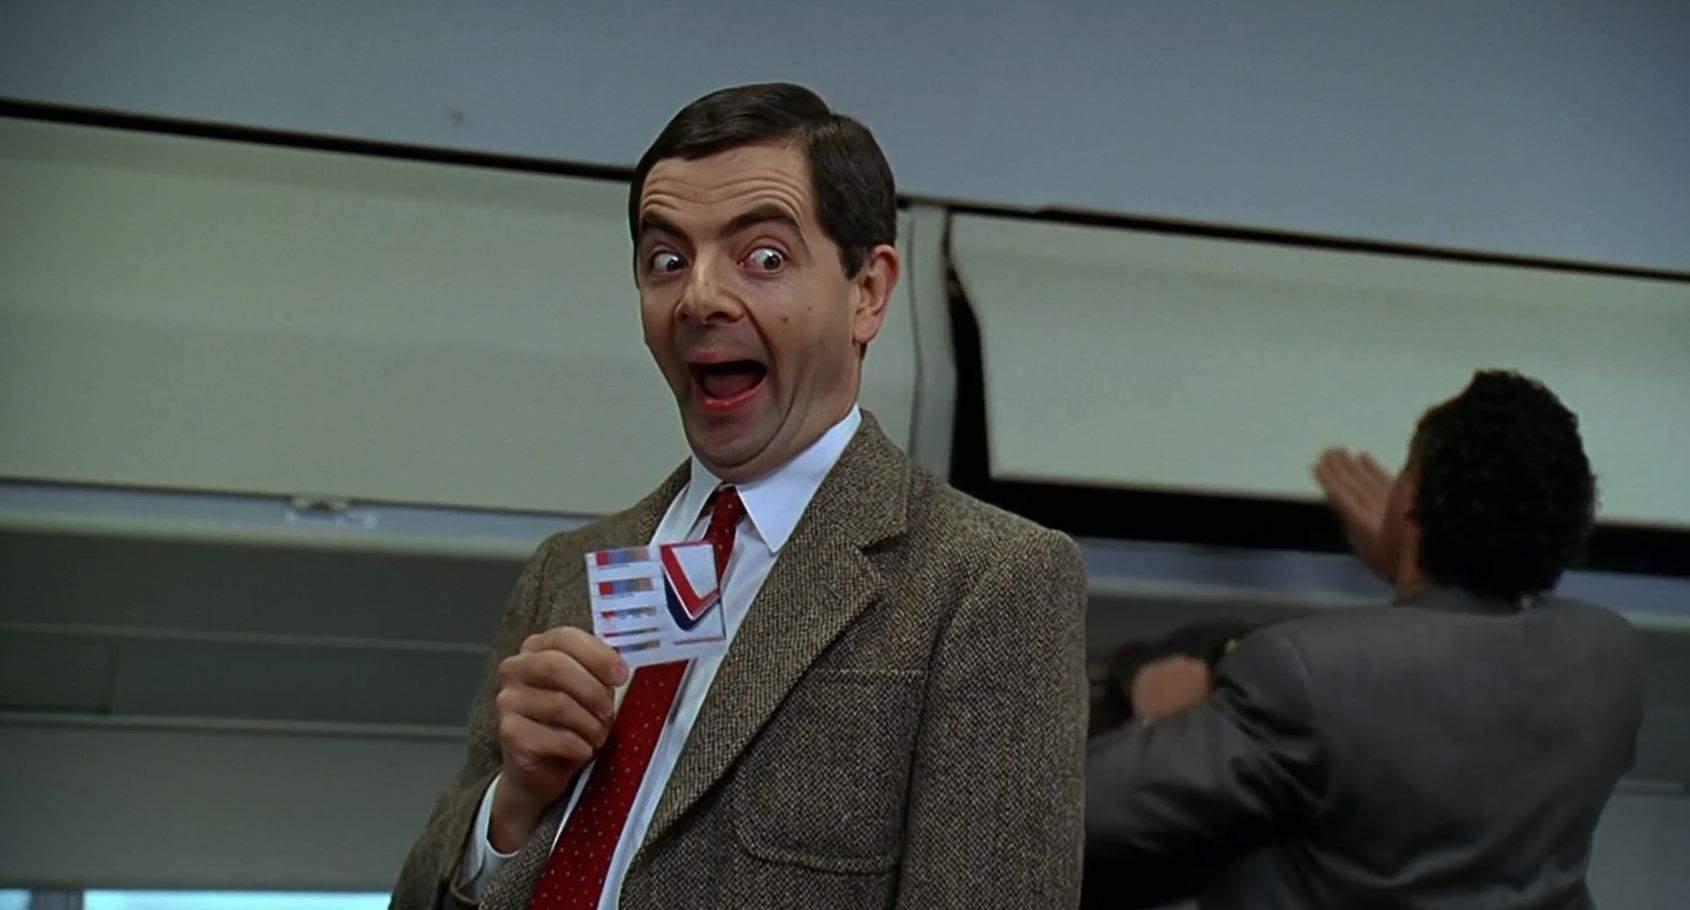 Conform legii britanice, în absența lui Boris Johnson butonul nuclear e la Mr. Bean